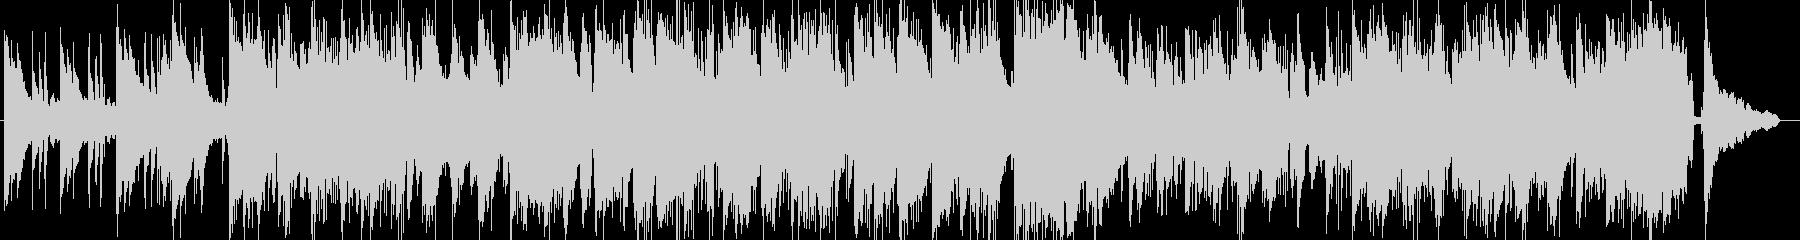 ドラムンベース風のピアノトリオ楽曲の未再生の波形